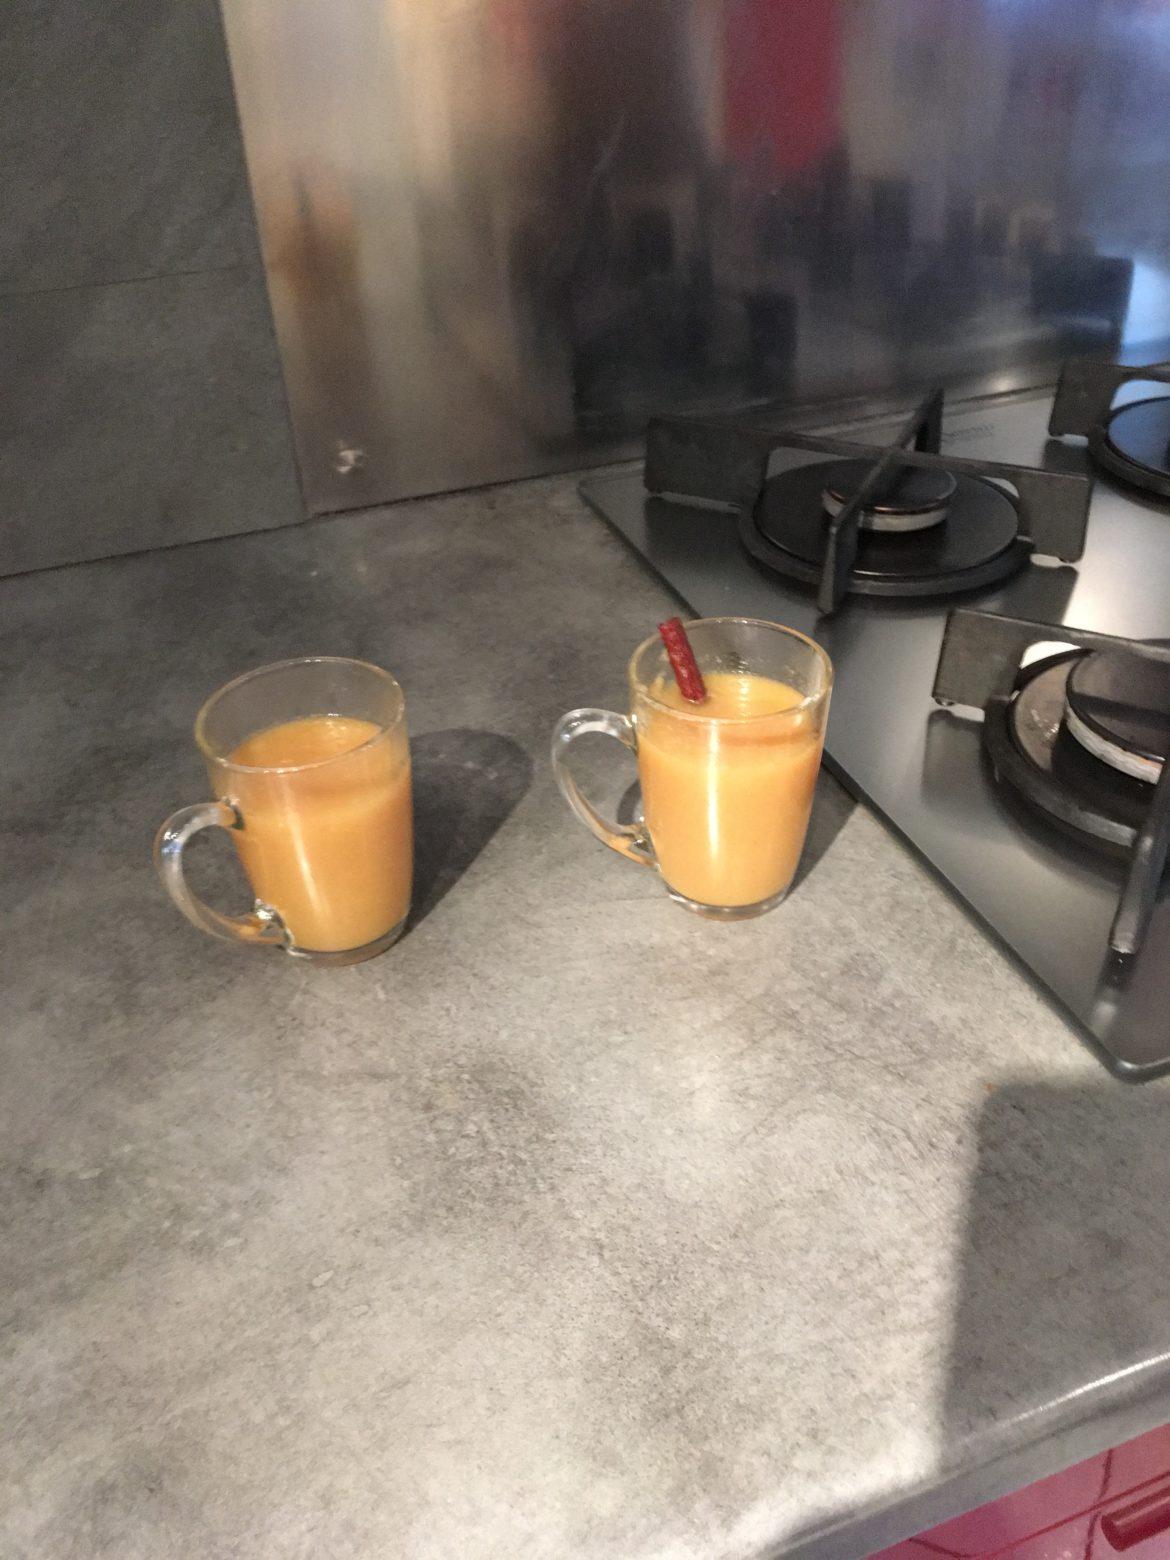 Deux tasses transparentes contenant un jus de pommes trouble et un bâton de cannelle